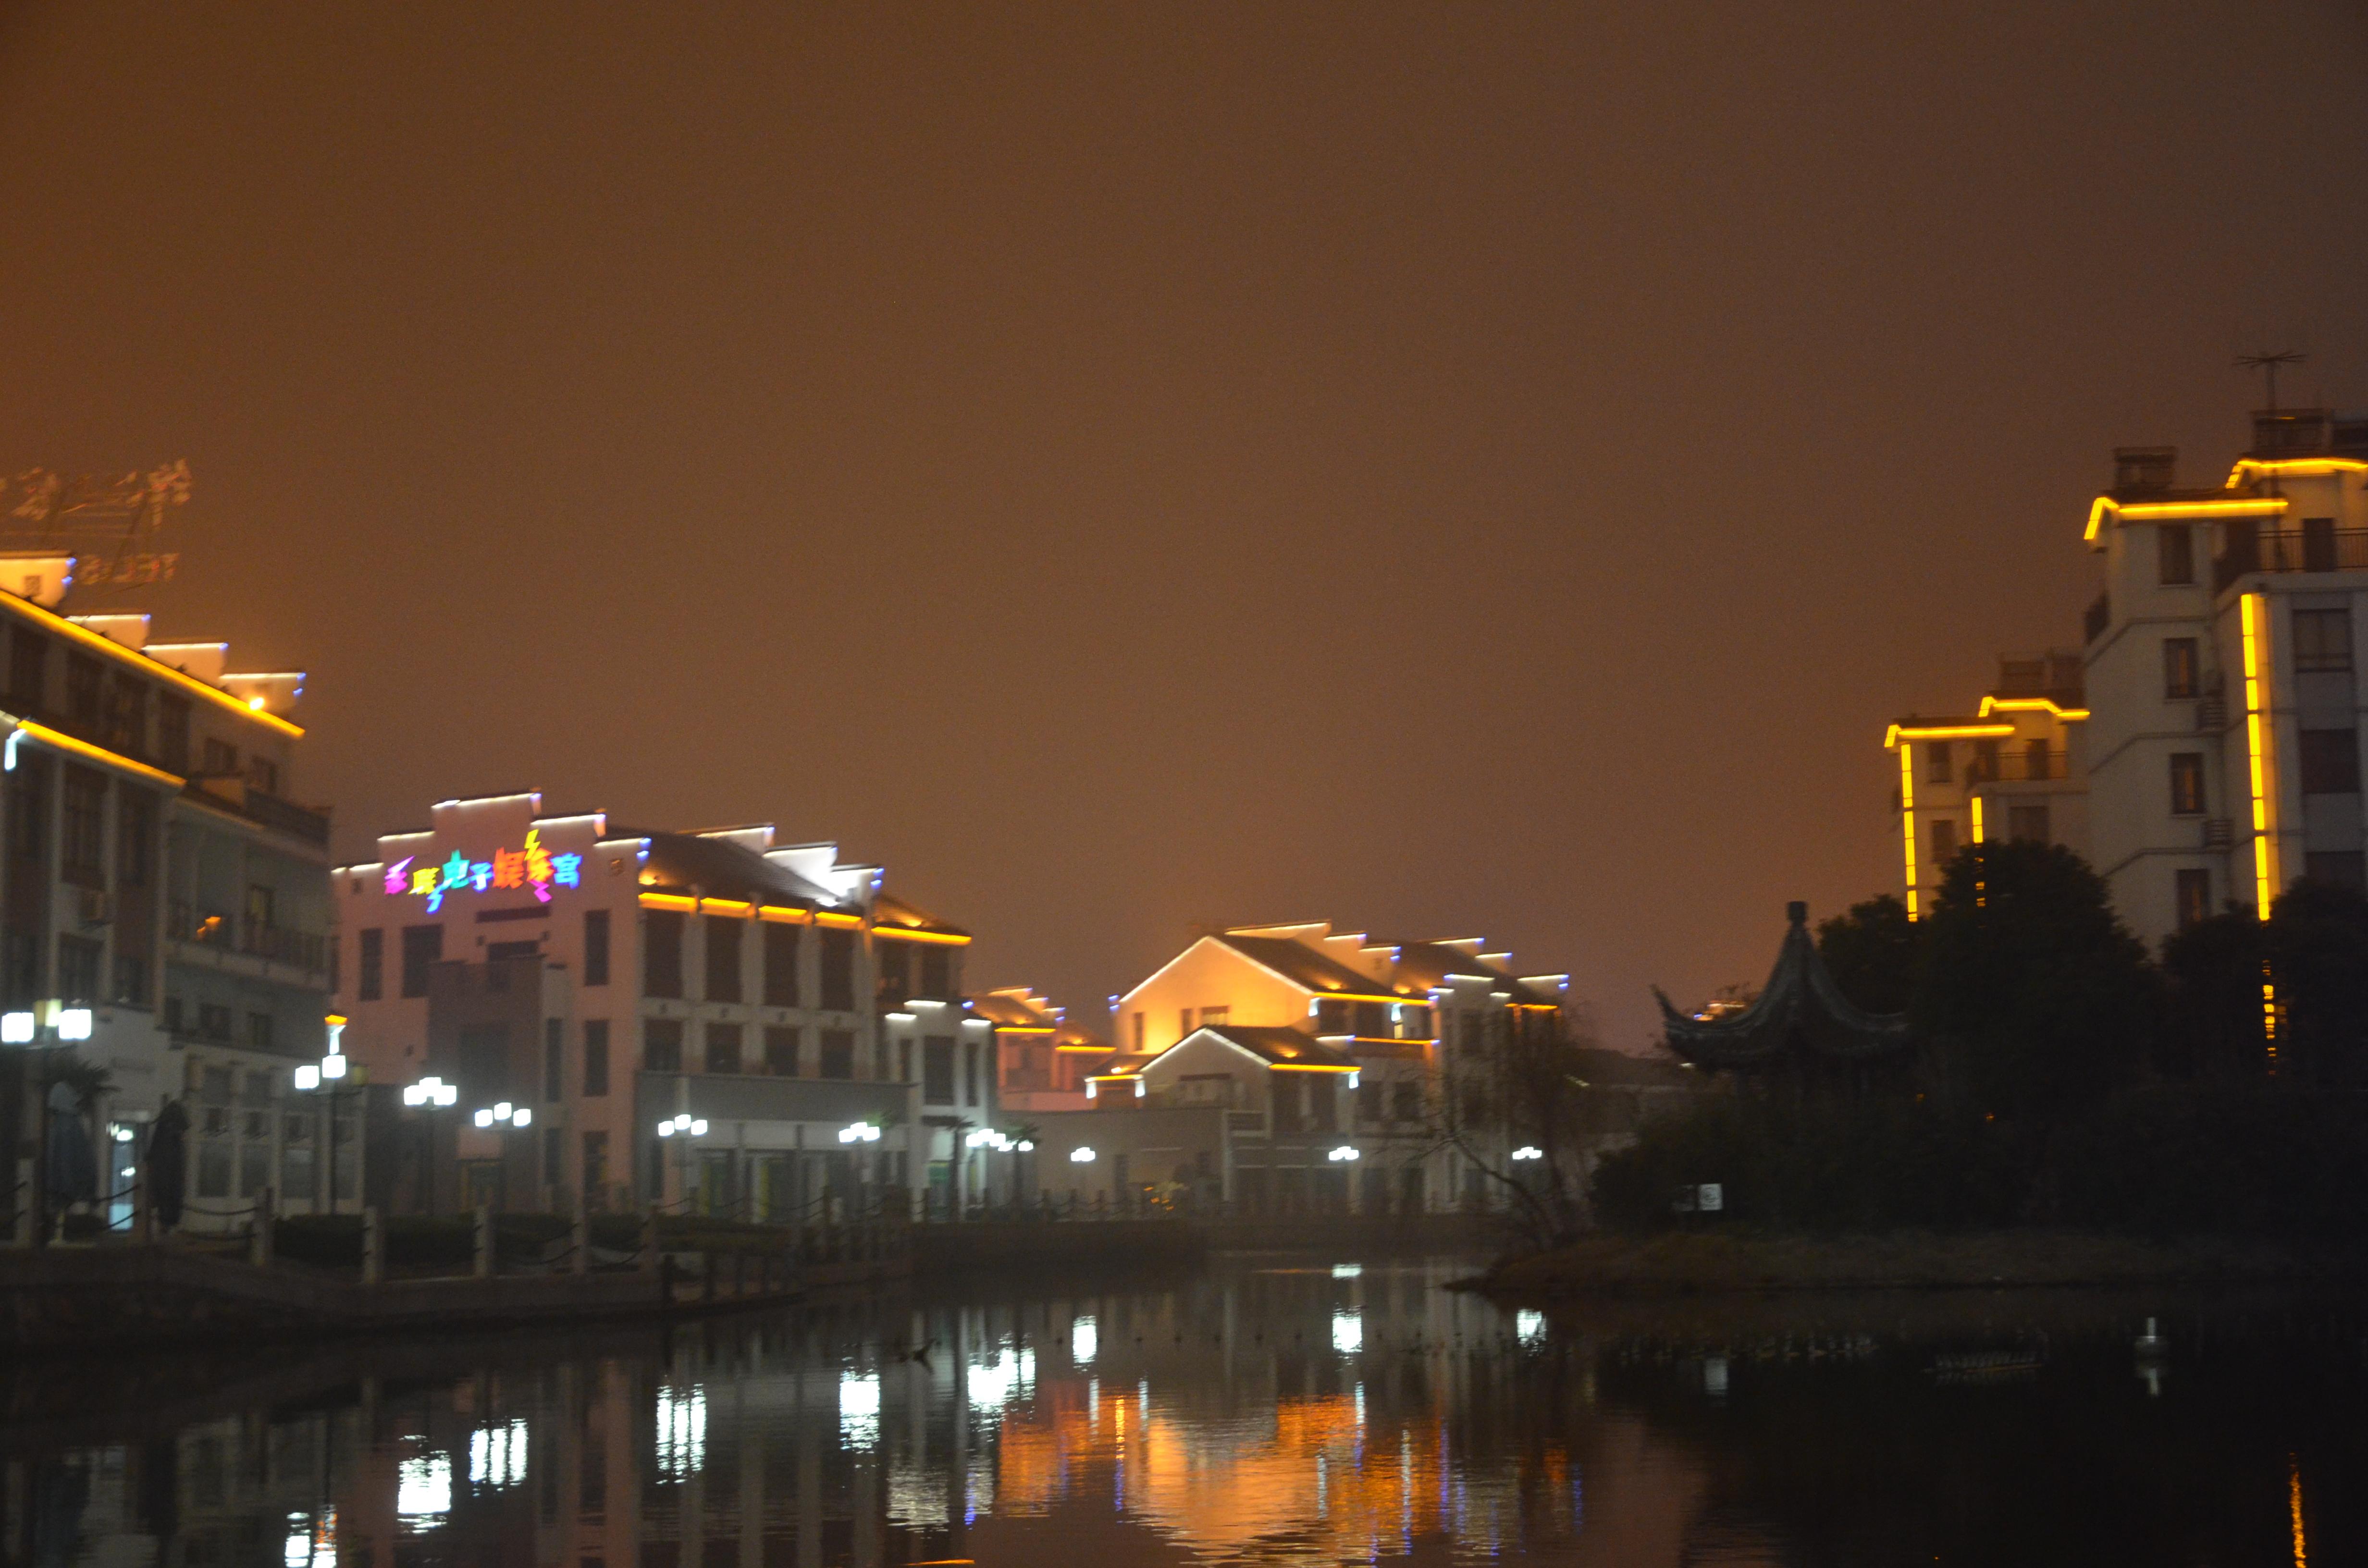 美丽的张家港金凤凰温泉 ● 富饶的永联村(2014年春节